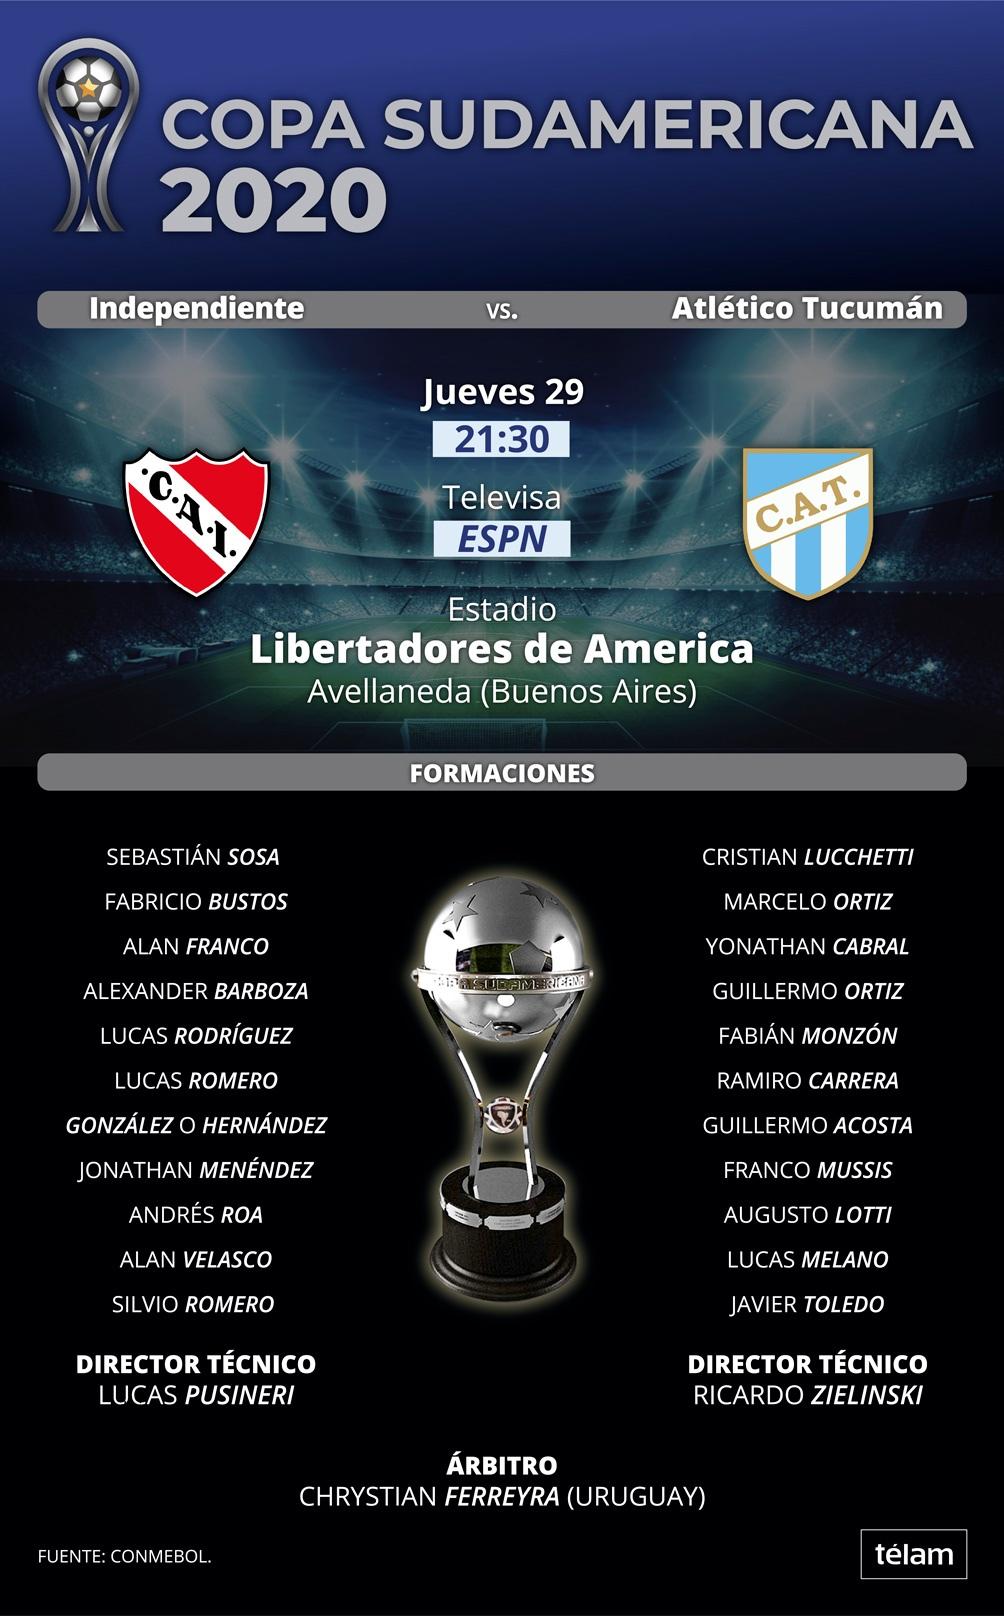 Independiente recibe a Atlético Tucumán, en el duelo argentino